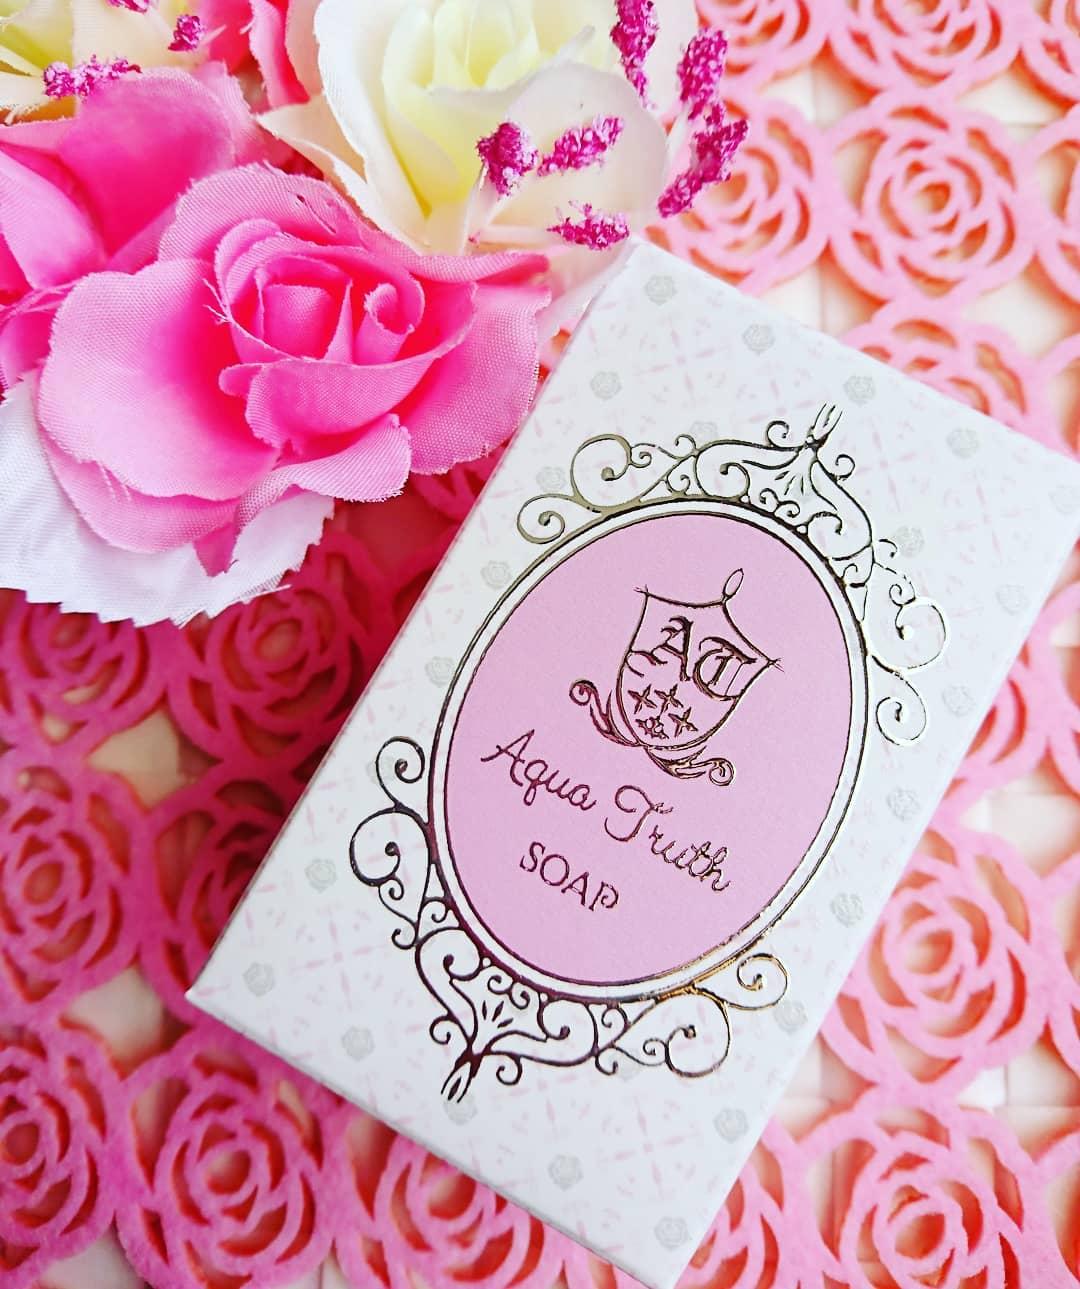 口コミ投稿:#アクアトゥルース株式会社#薔薇はちみつ石鹸お肌の潤いを守りながら心地よく洗い上…